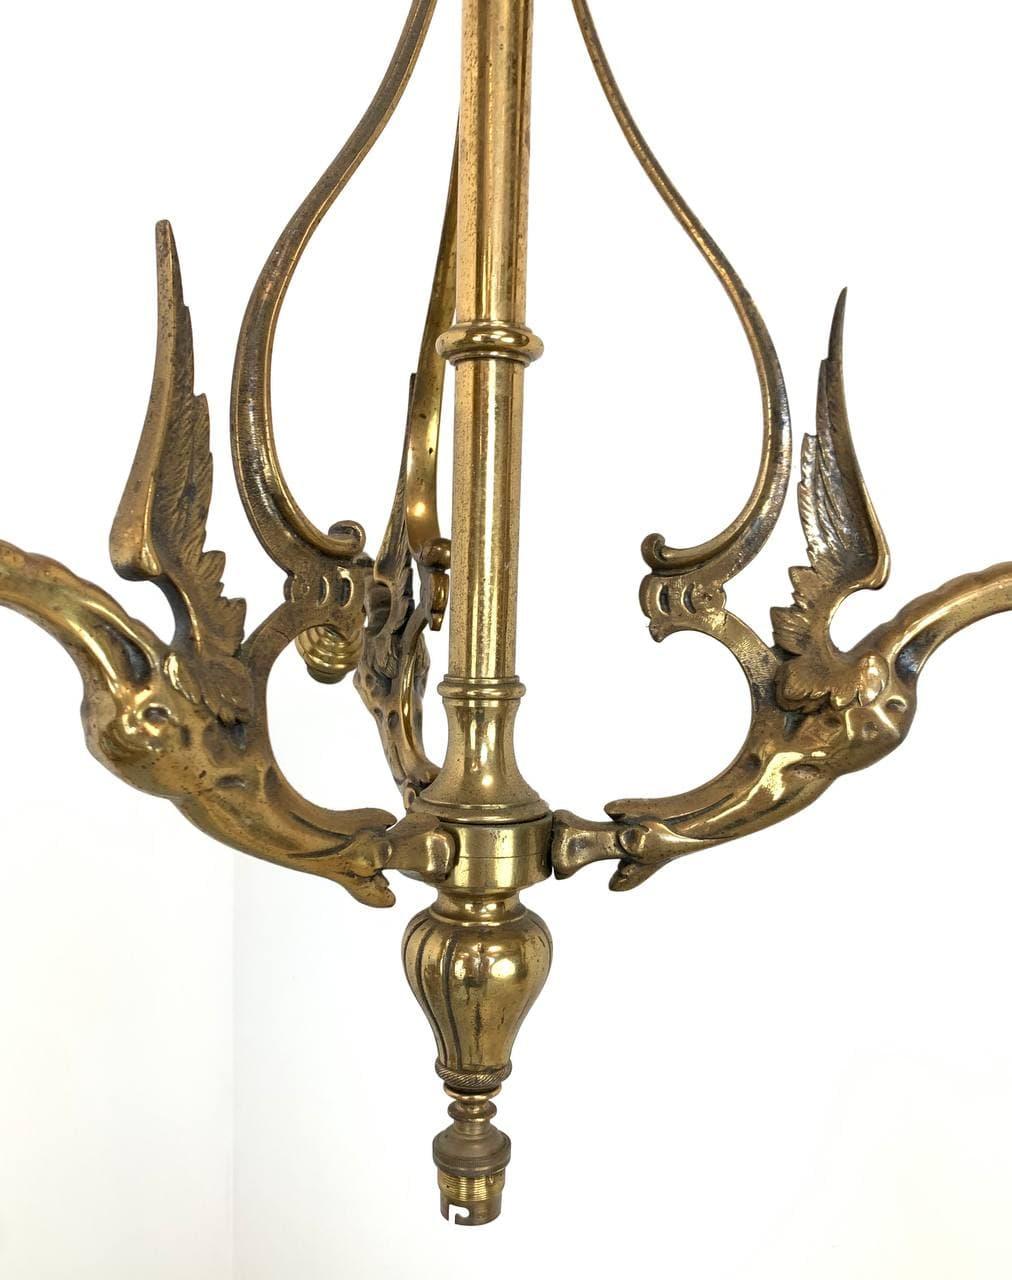 Антикварная бронзовая люстра с химерами